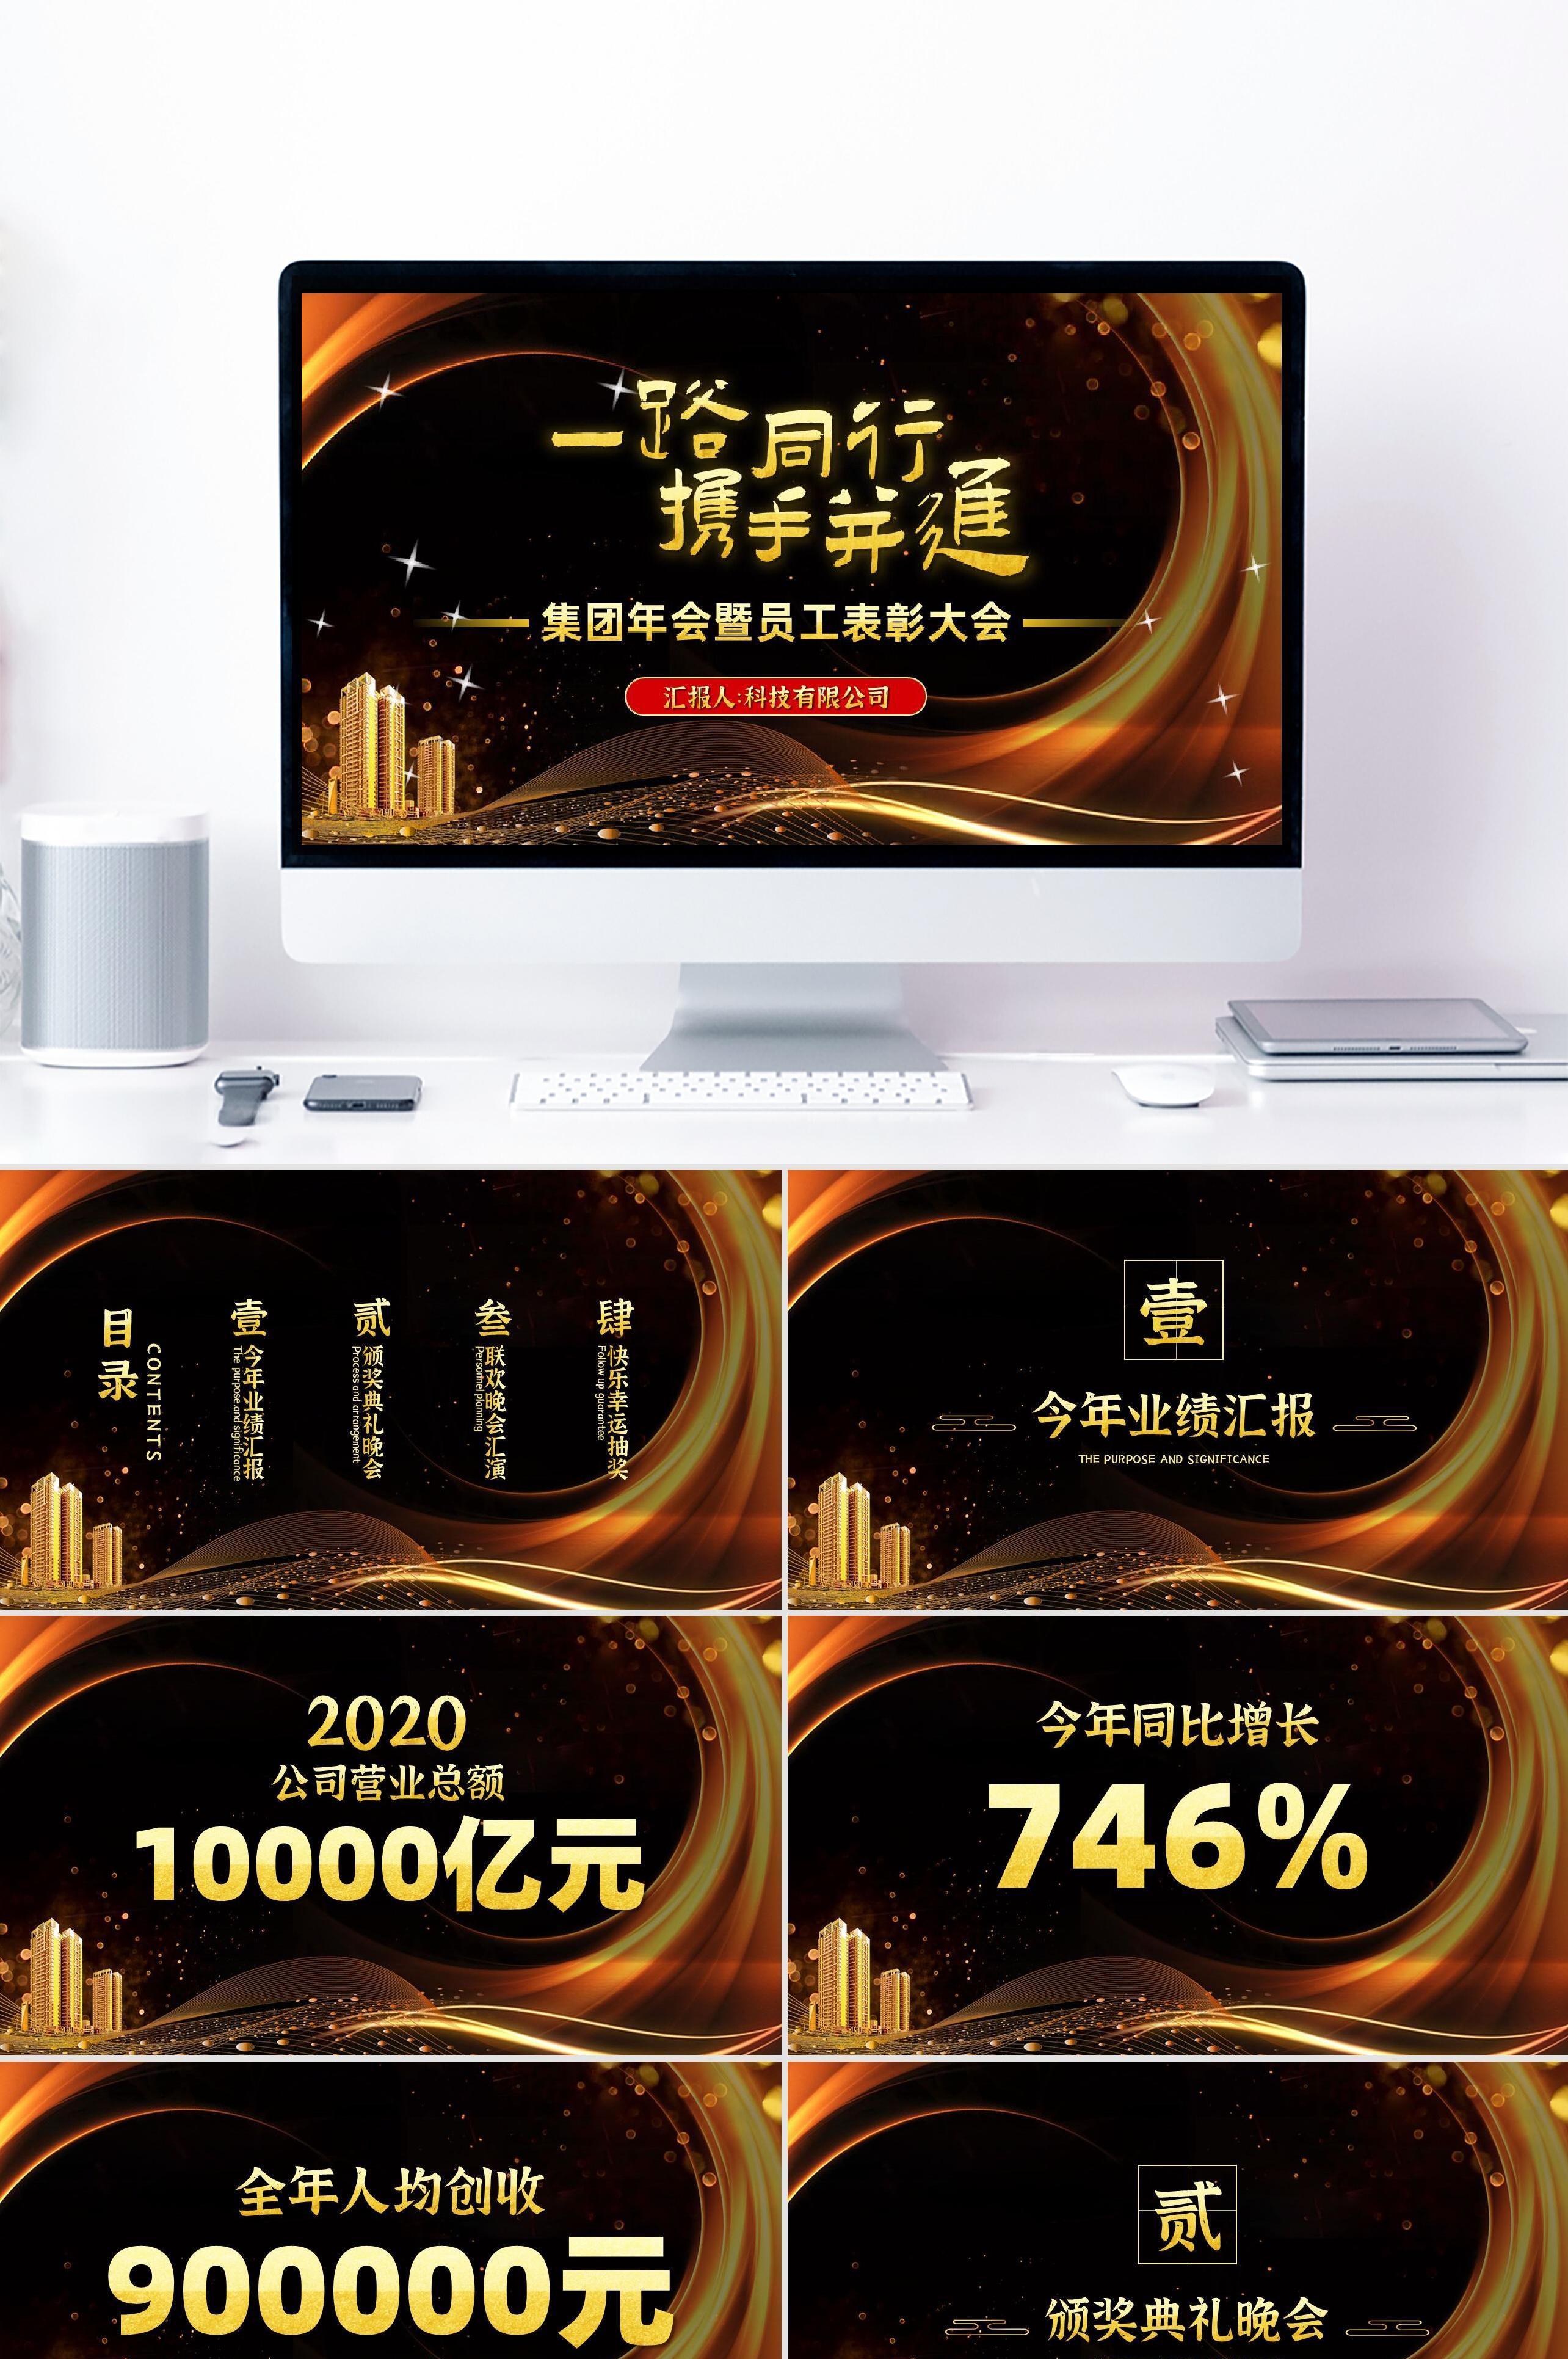 黑金炫酷大气公司年会颁奖晚会PPT模板